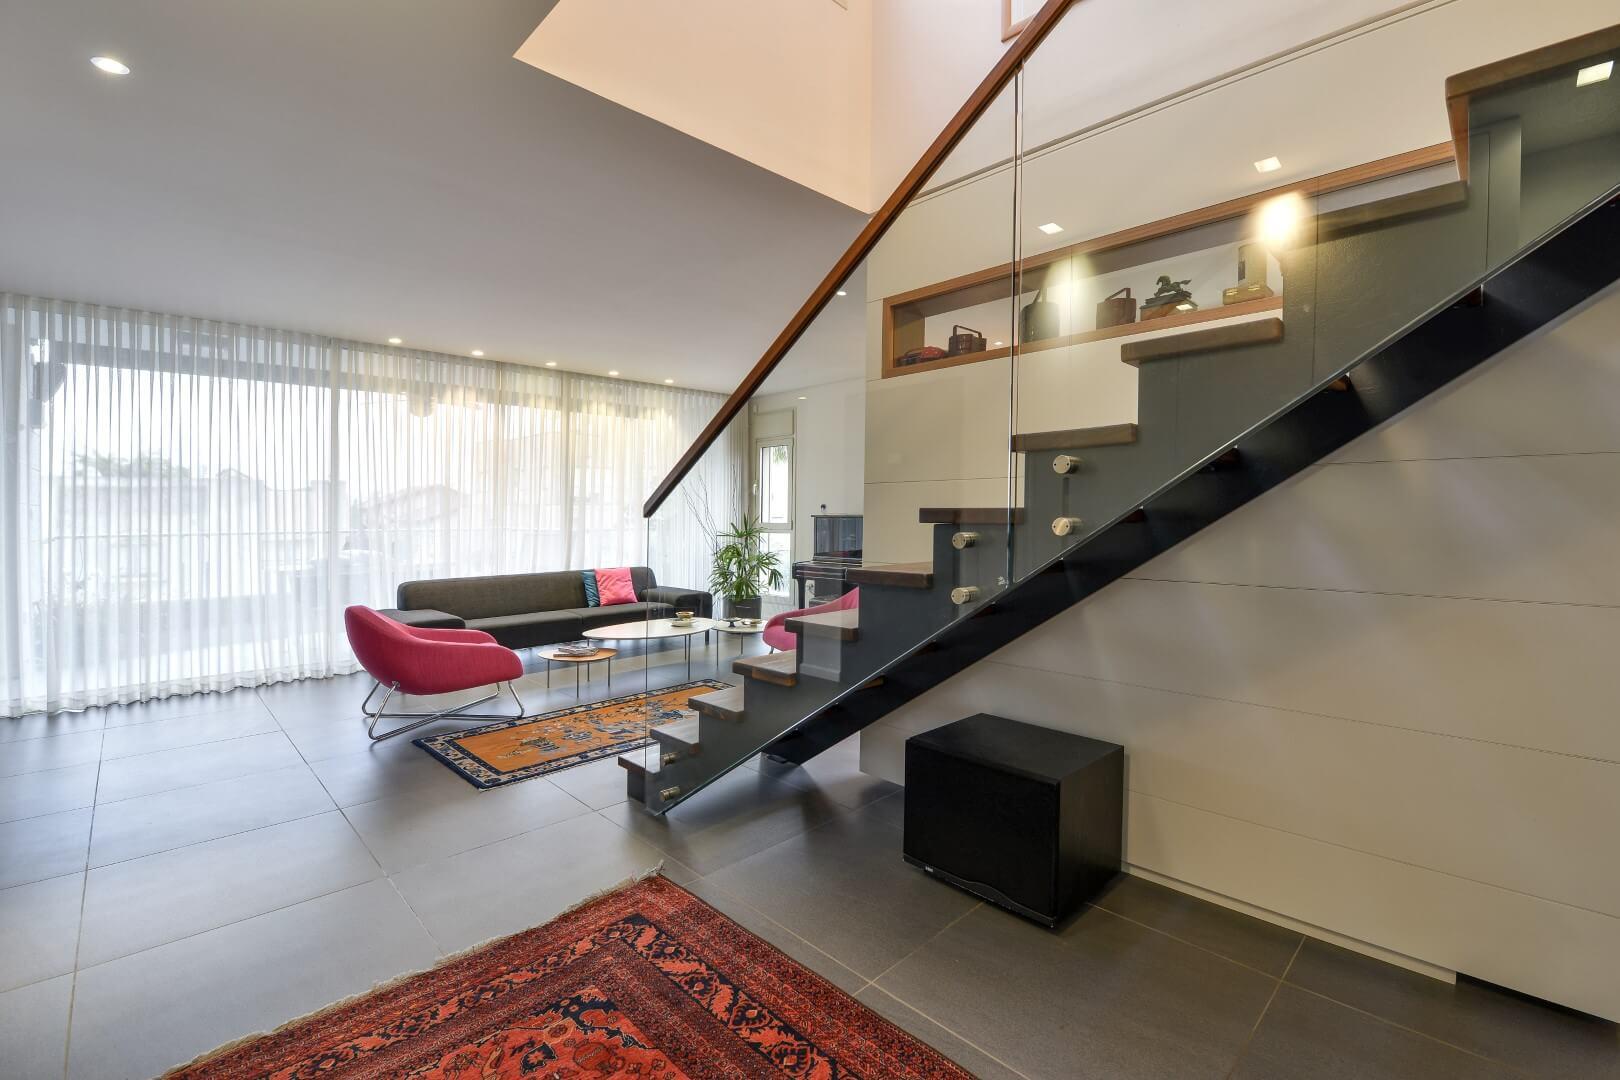 מדרגות ברזל שחור עם מדרכי עץ אגוז אמריקאי, מעקה זכוכית ומאחז יד מעץ בקצה